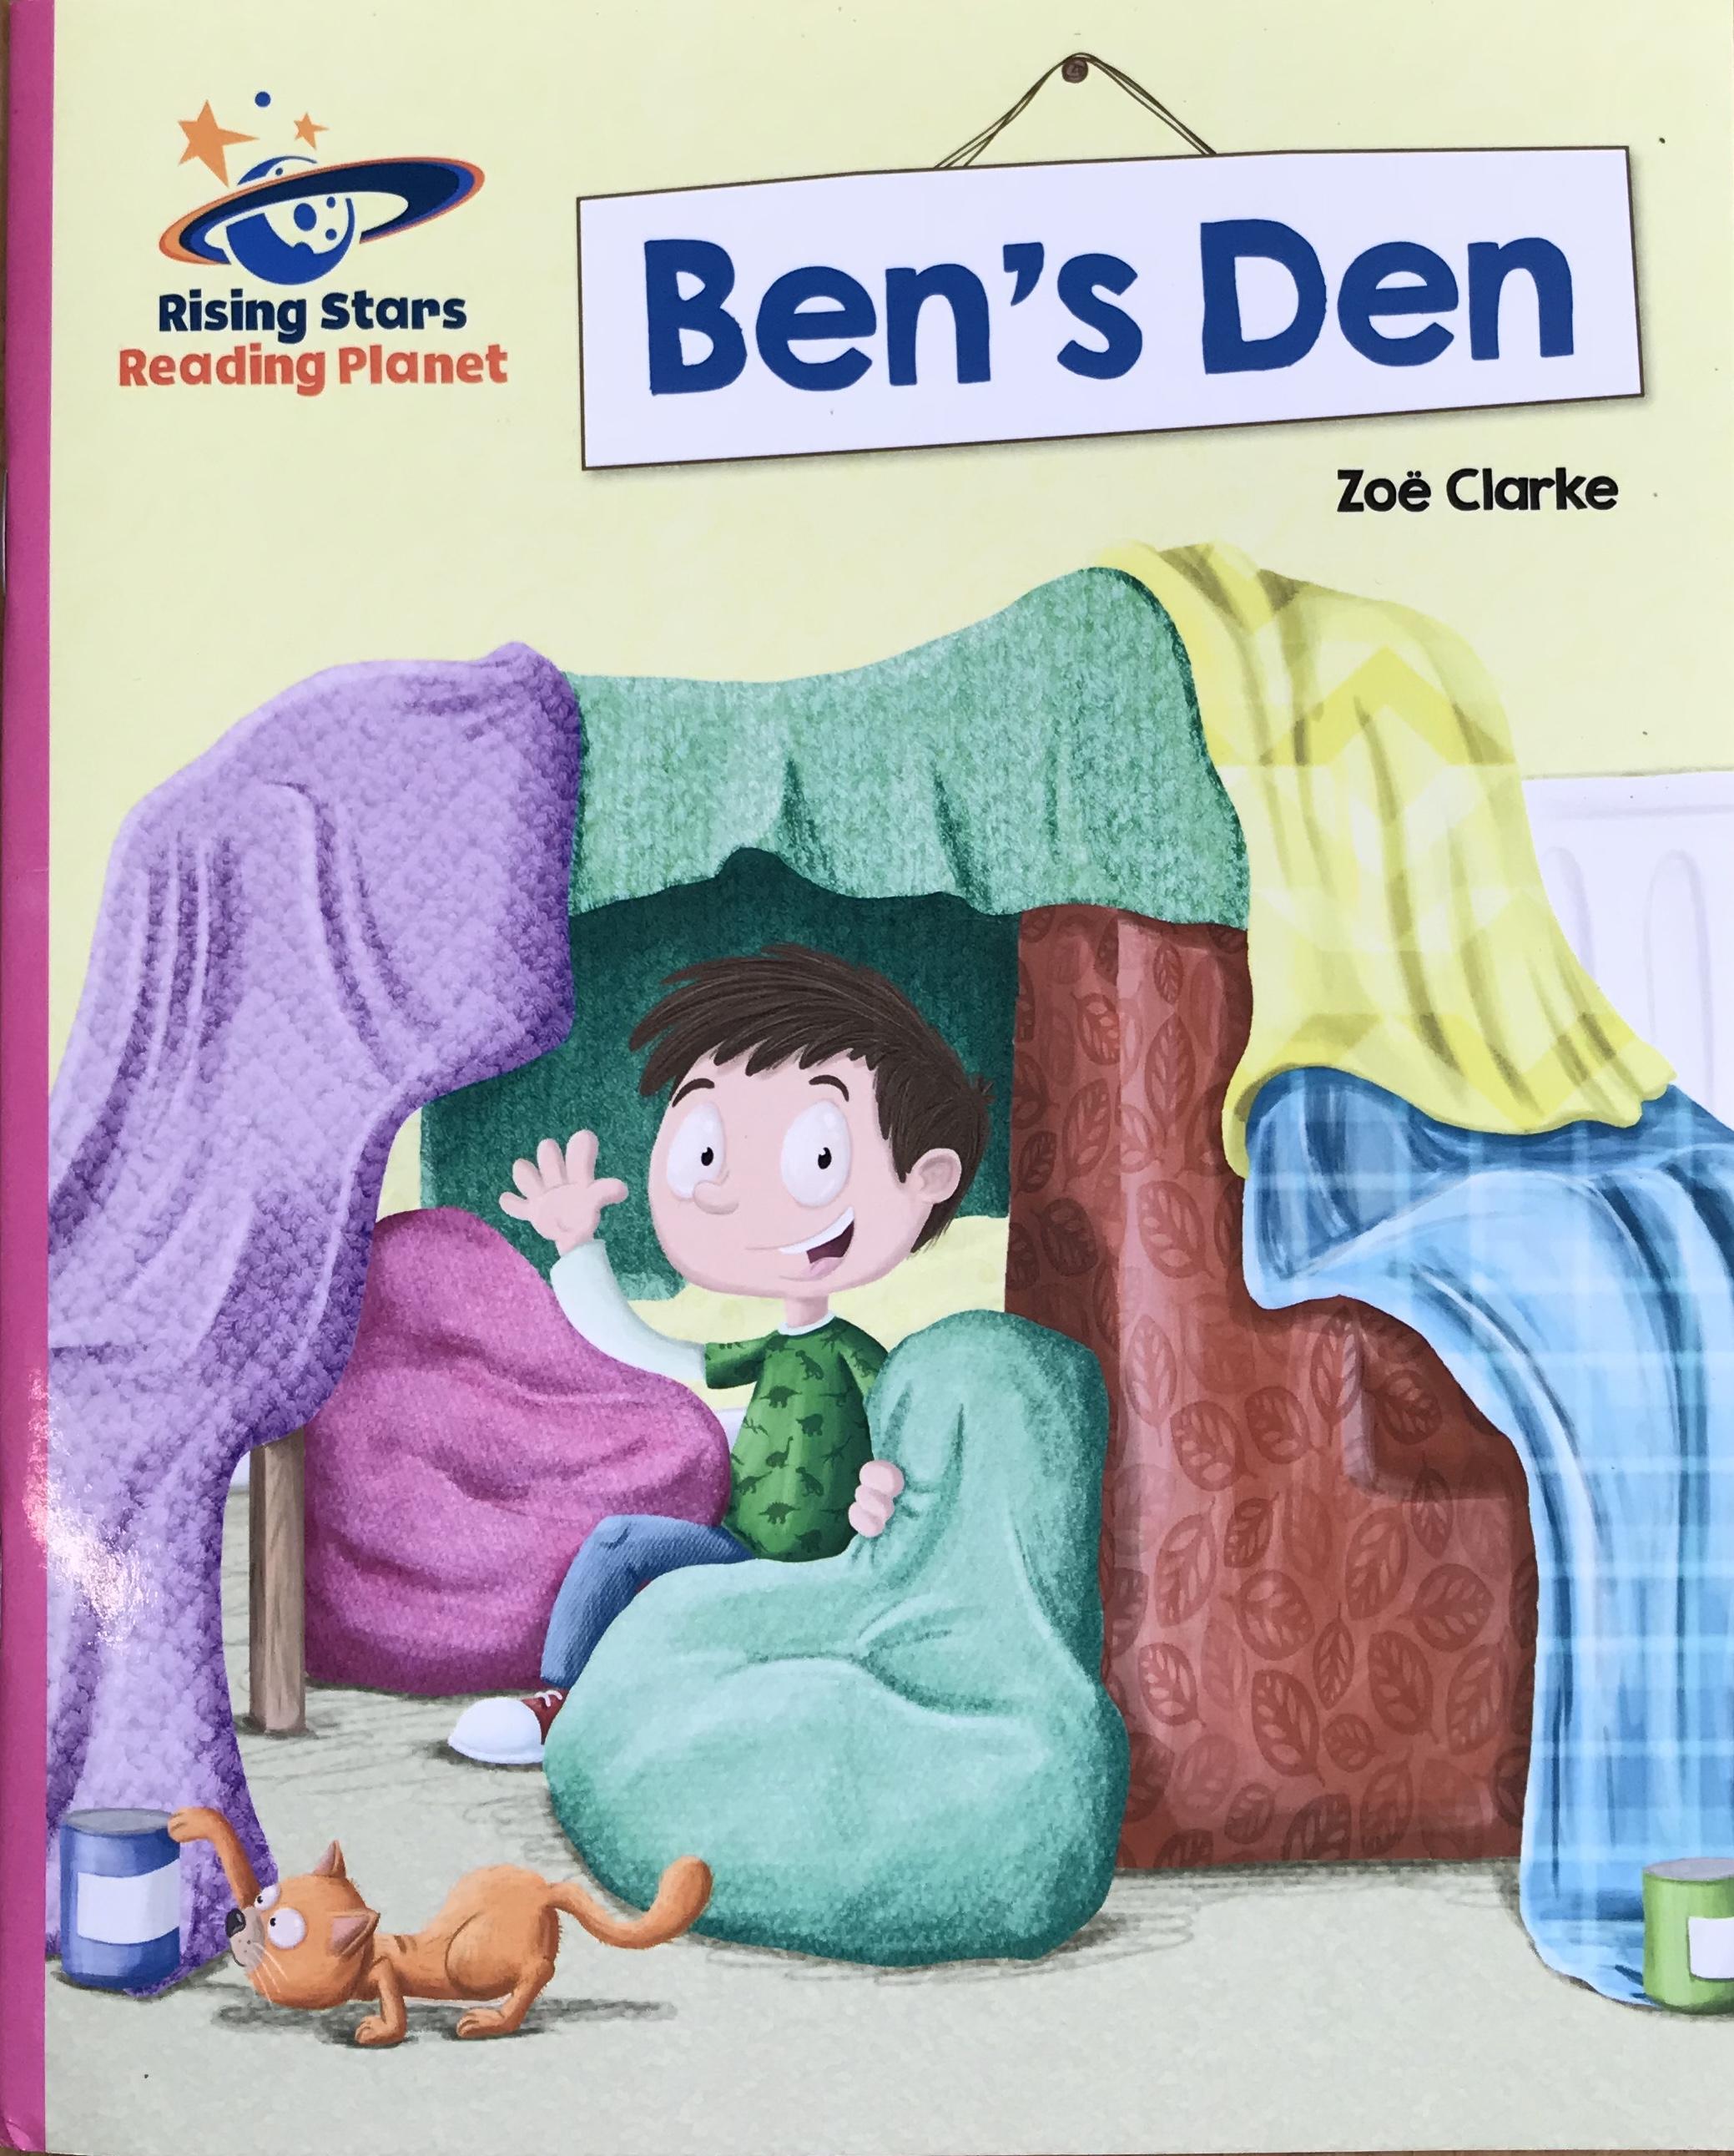 Ben's Den